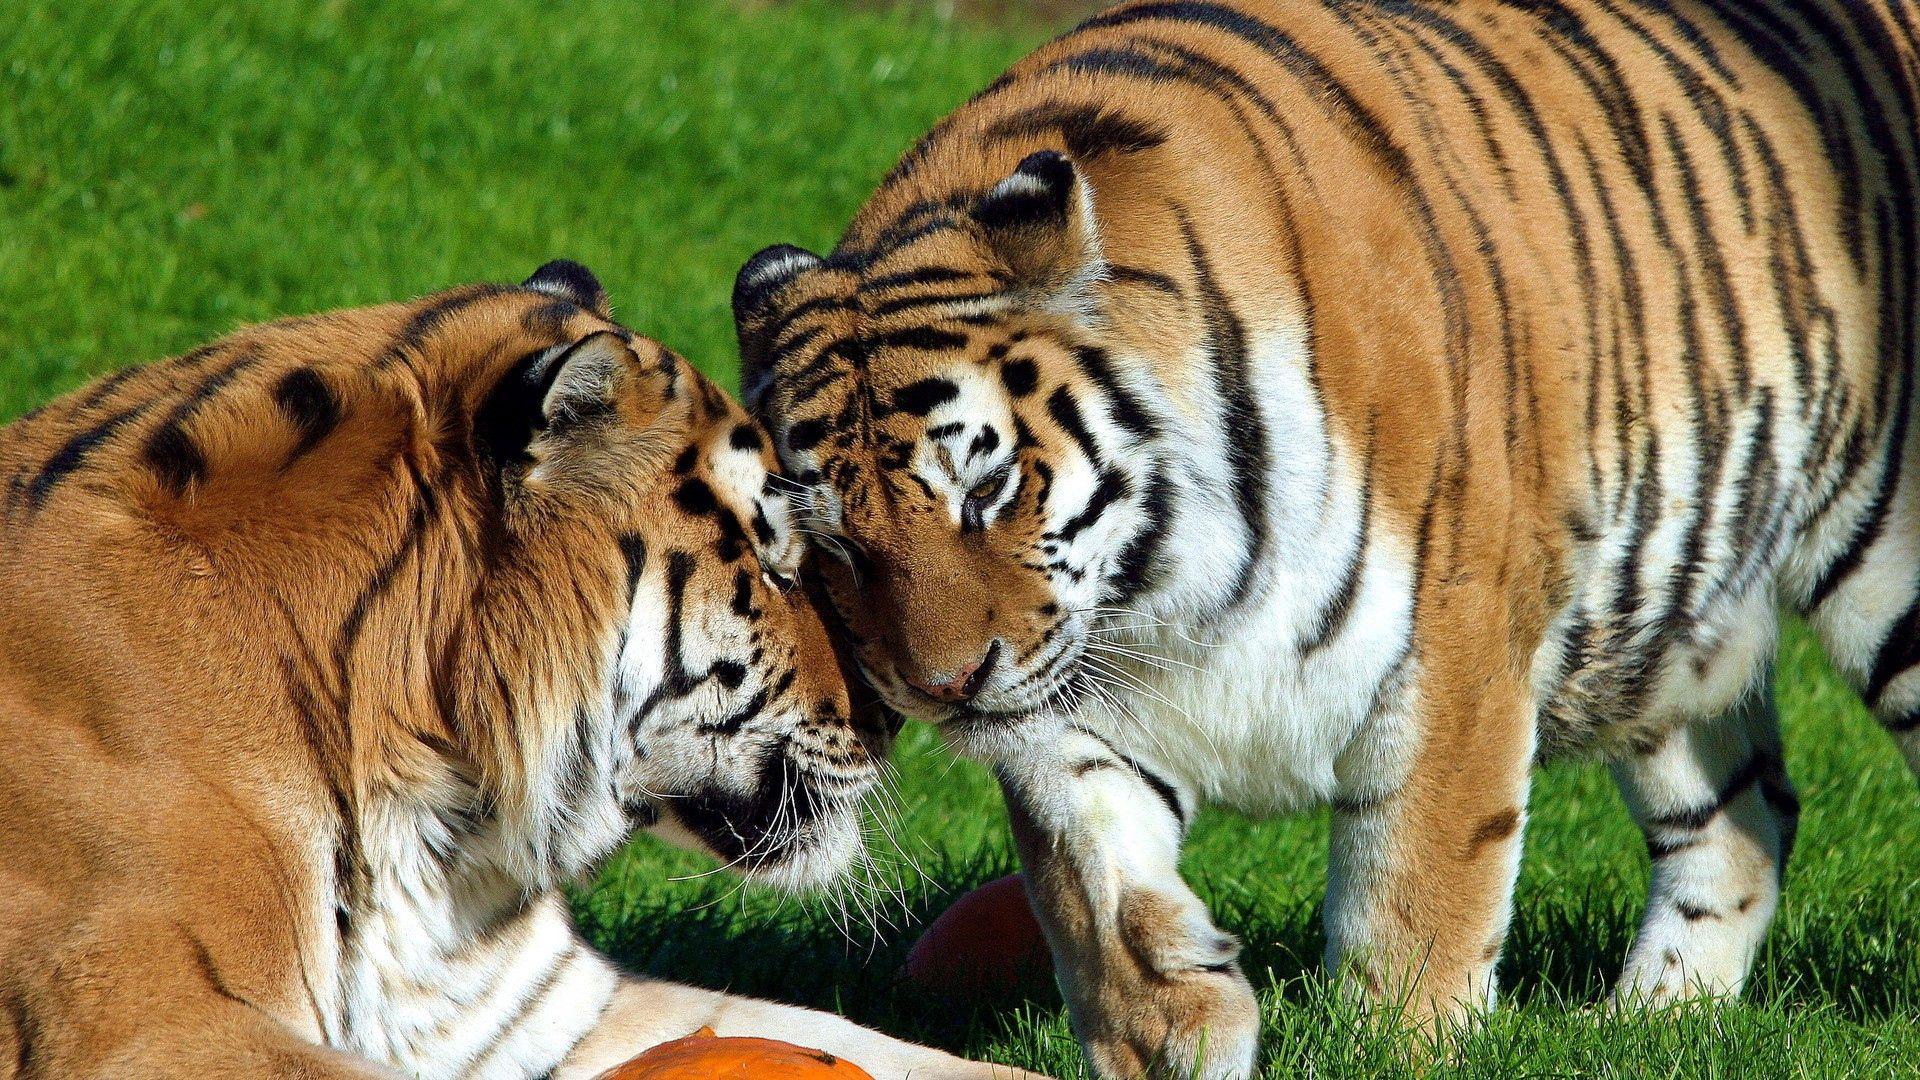 103101 Hintergrundbild herunterladen Tiere, Grass, Tigers, Paar, Sich Hinlegen, Liegen, Zärtlichkeit - Bildschirmschoner und Bilder kostenlos